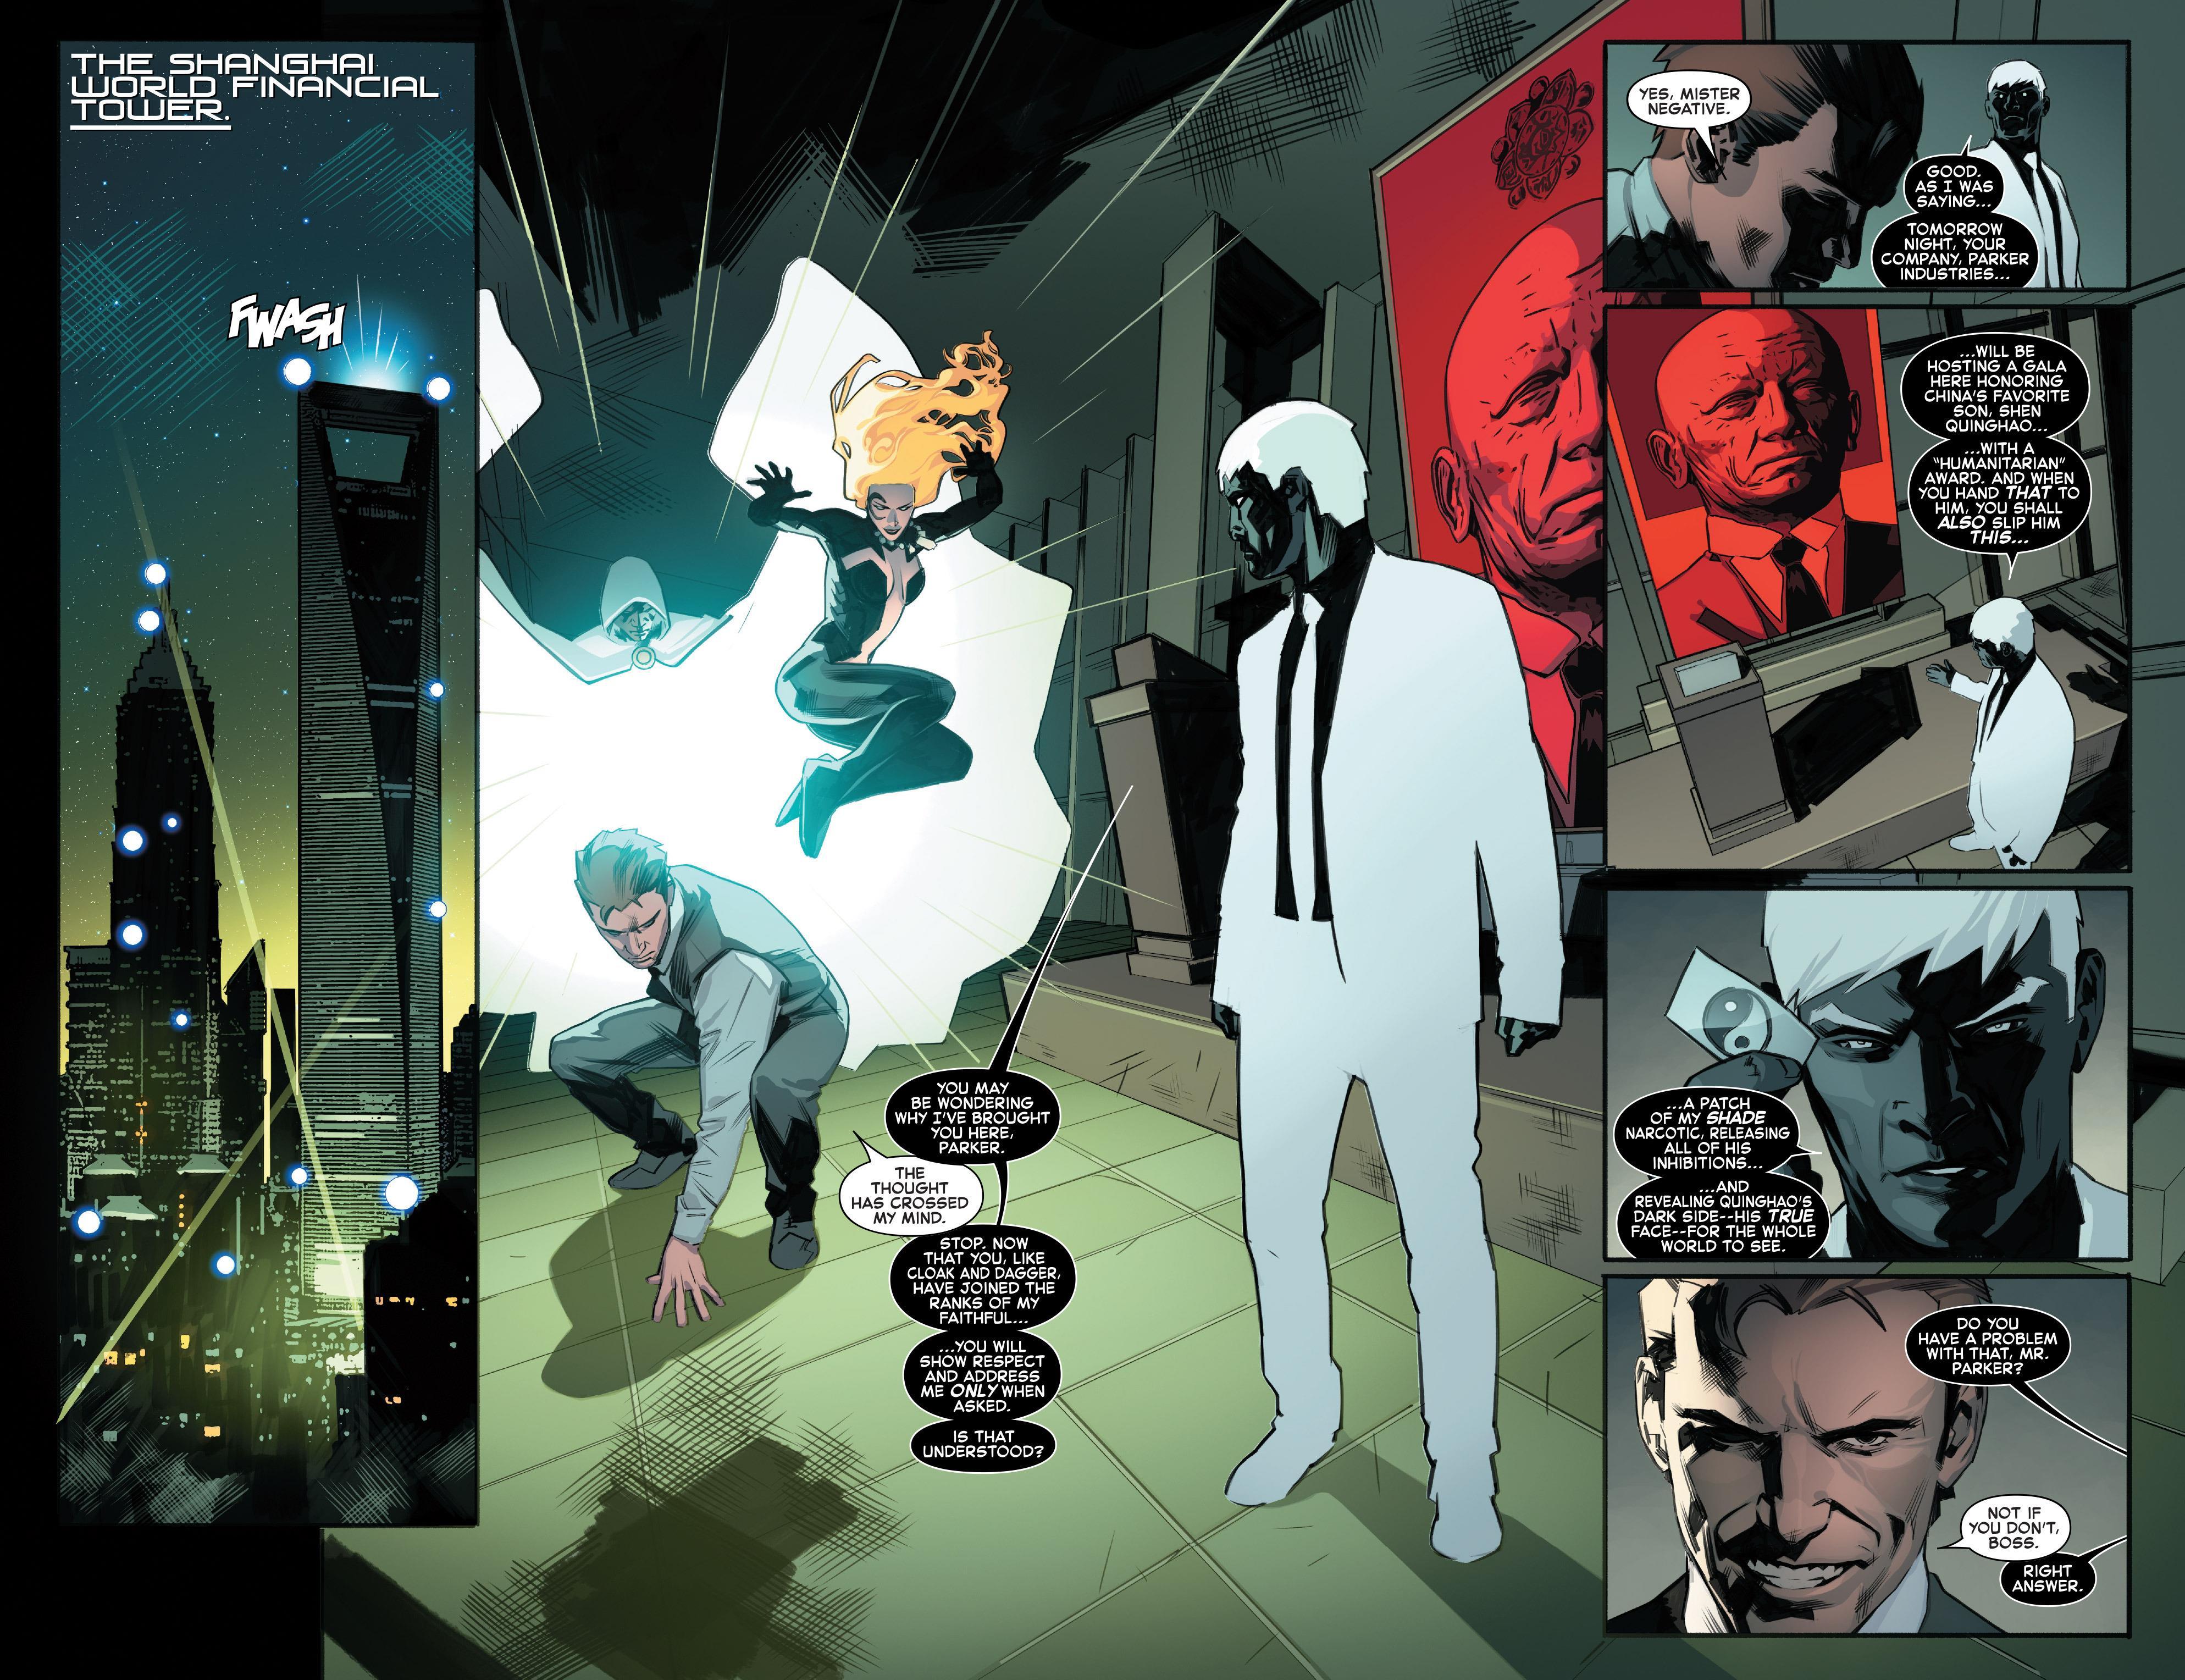 Amazing Spider-Man Worldwide Scorpio Rising review